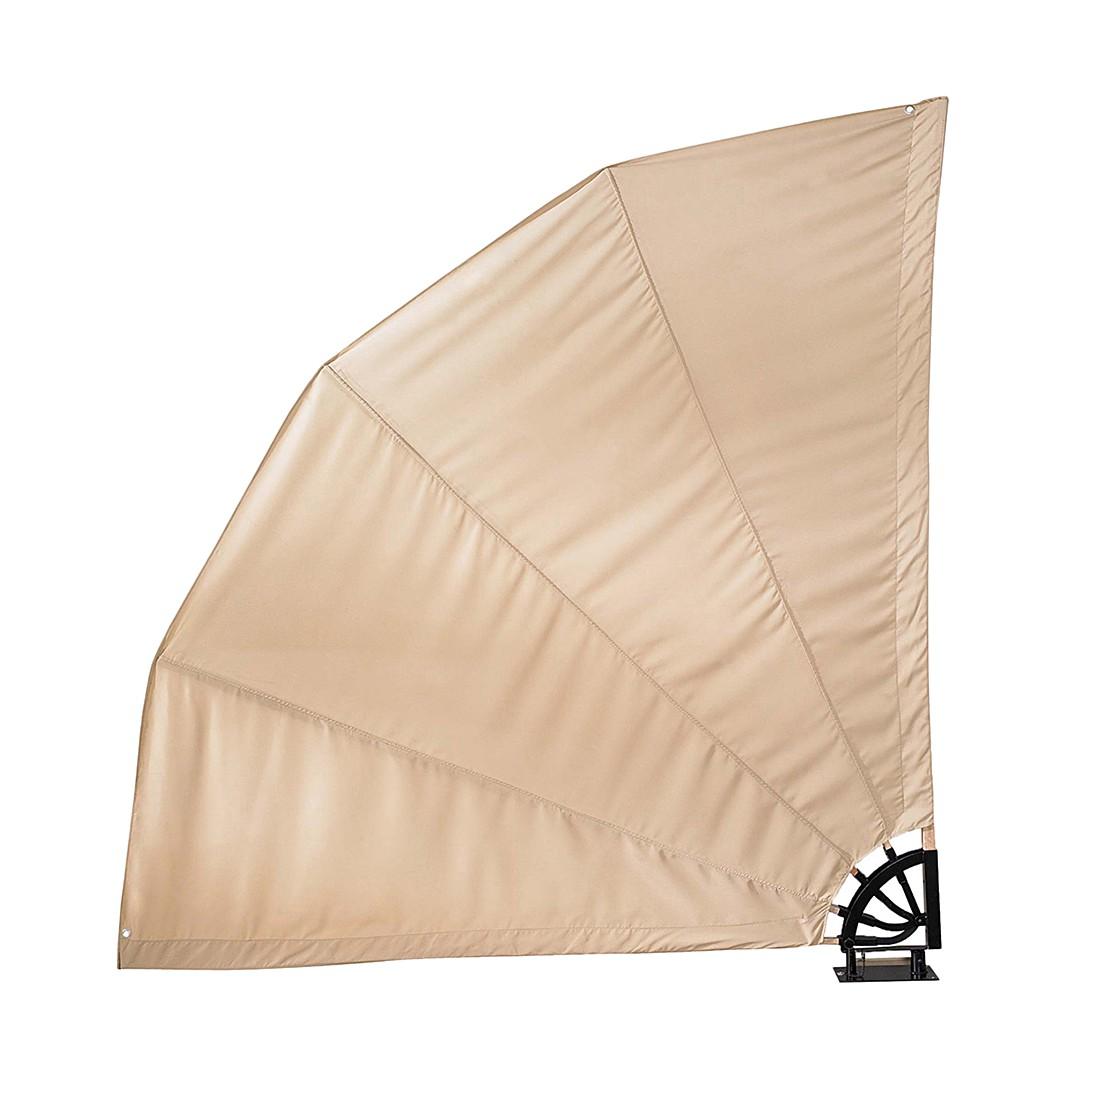 Sichtschutz in Fächerform – Textilgewebe/Holz/Metall – Sand, PureDay jetzt kaufen